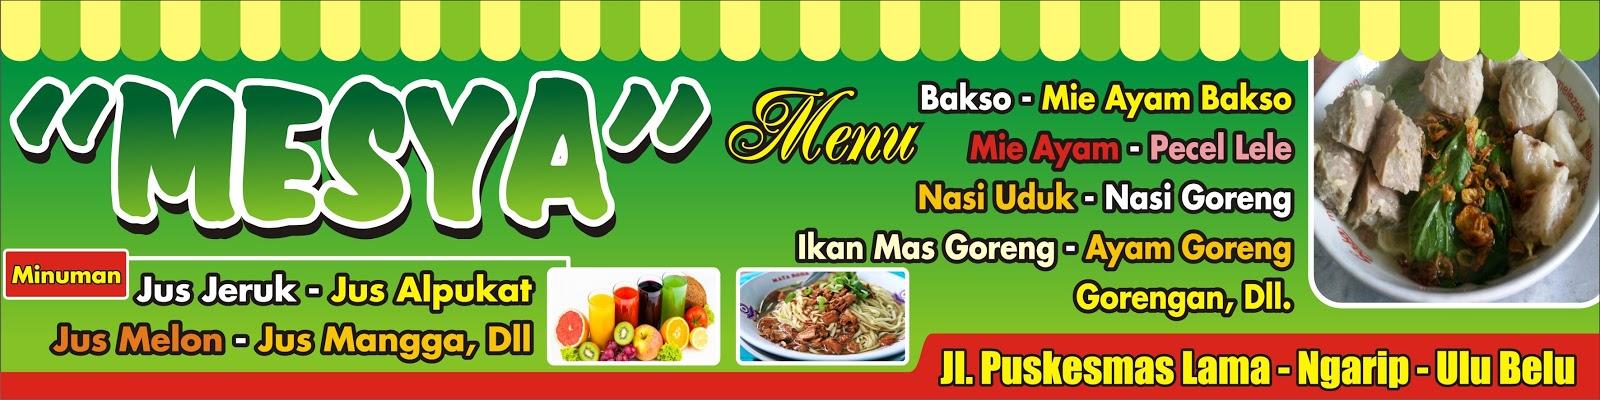 17+ Desain Banner Warung Makan, Inspirasi Terbaru!